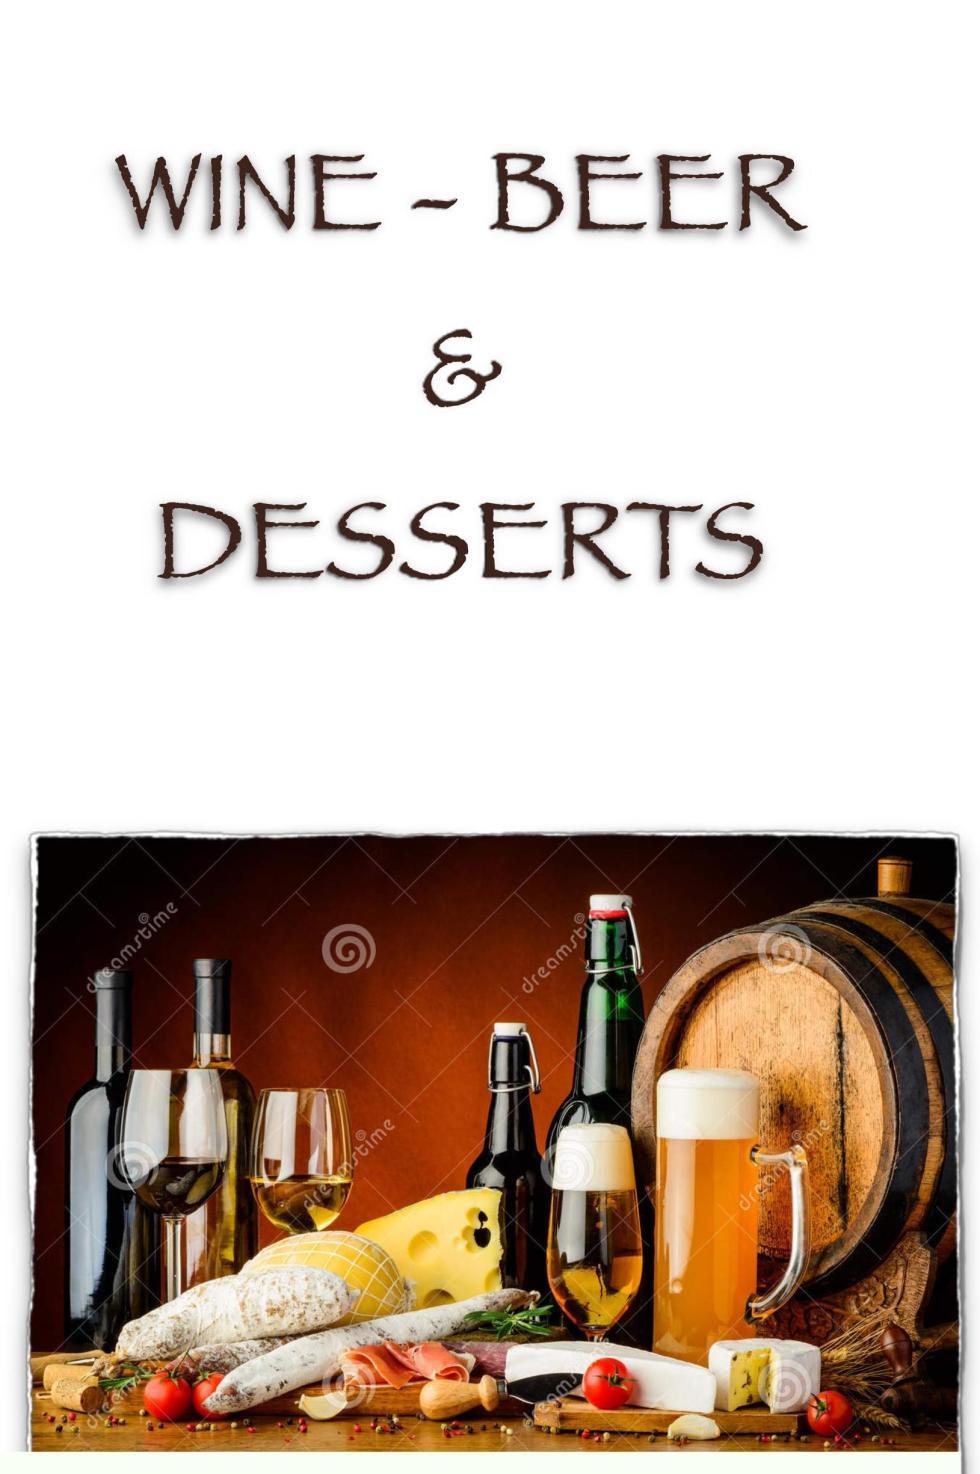 wine menu revised 5_31_17-page-002